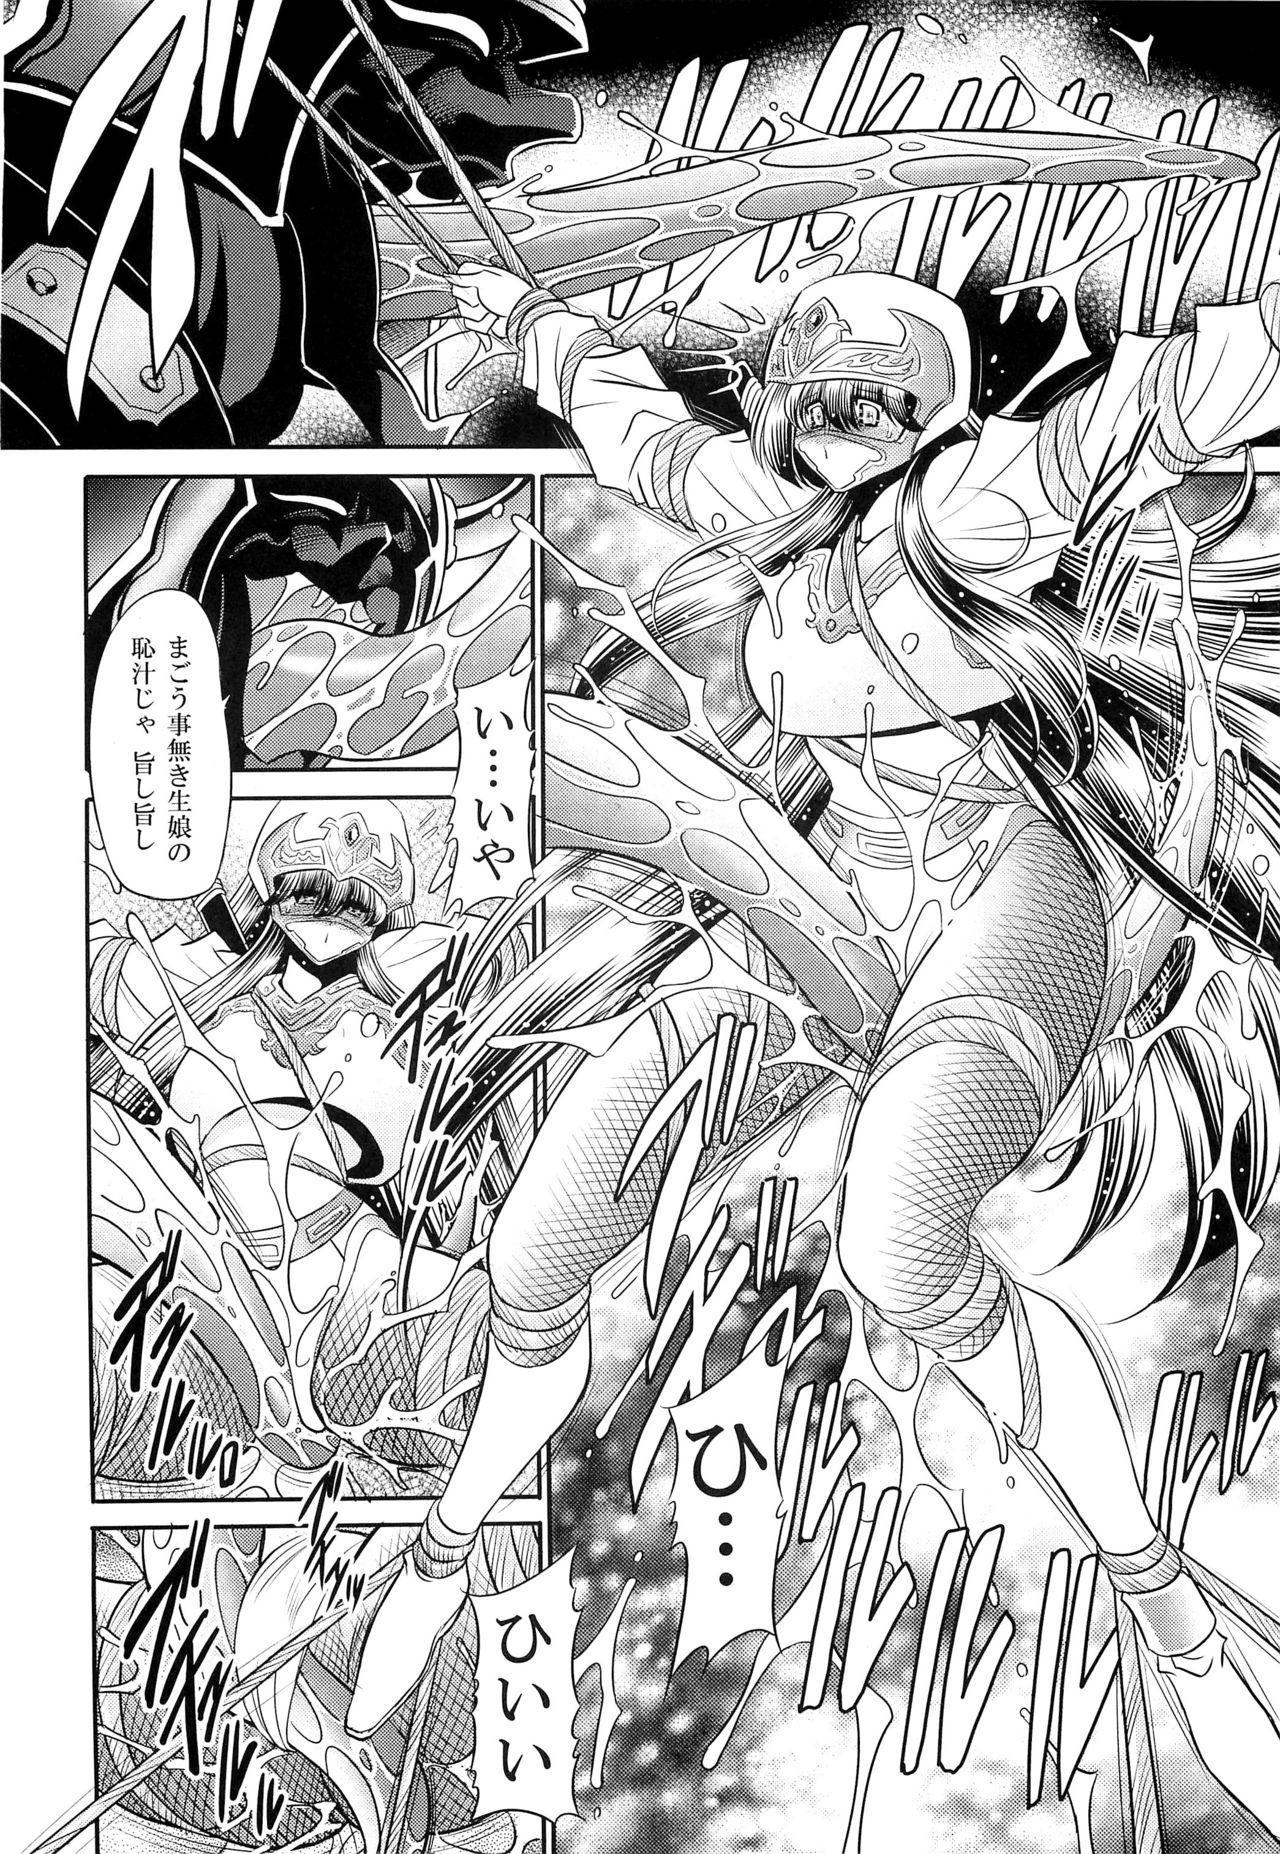 Himenin Hana Fubuki 12